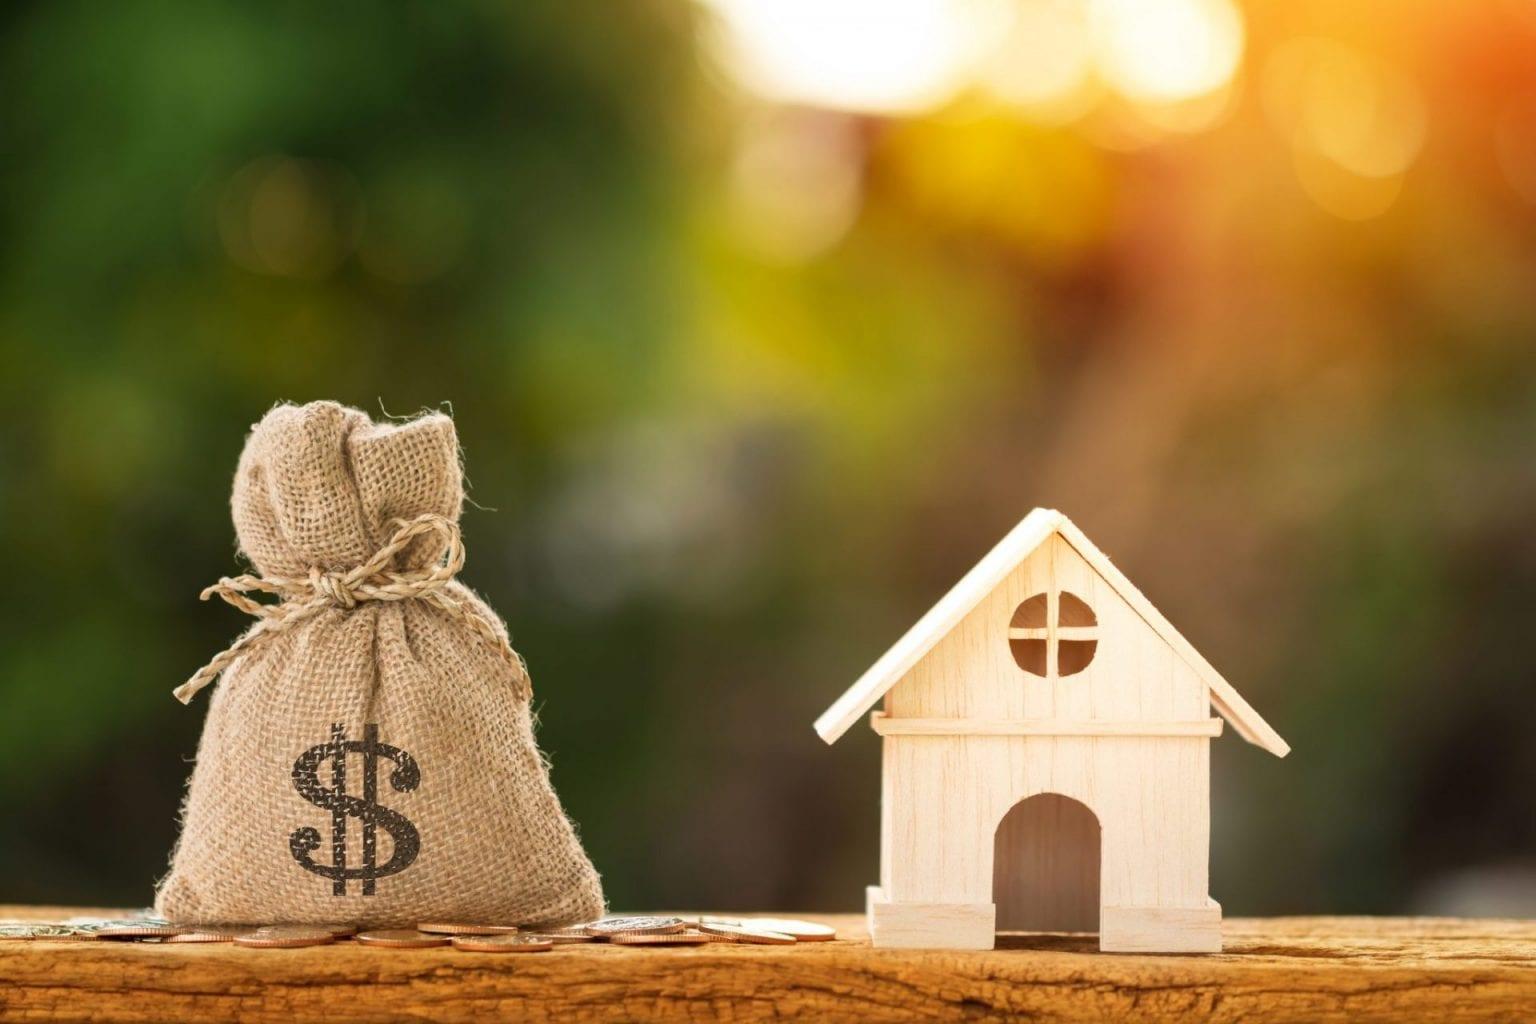 como investir em fundos imobiliarios 1